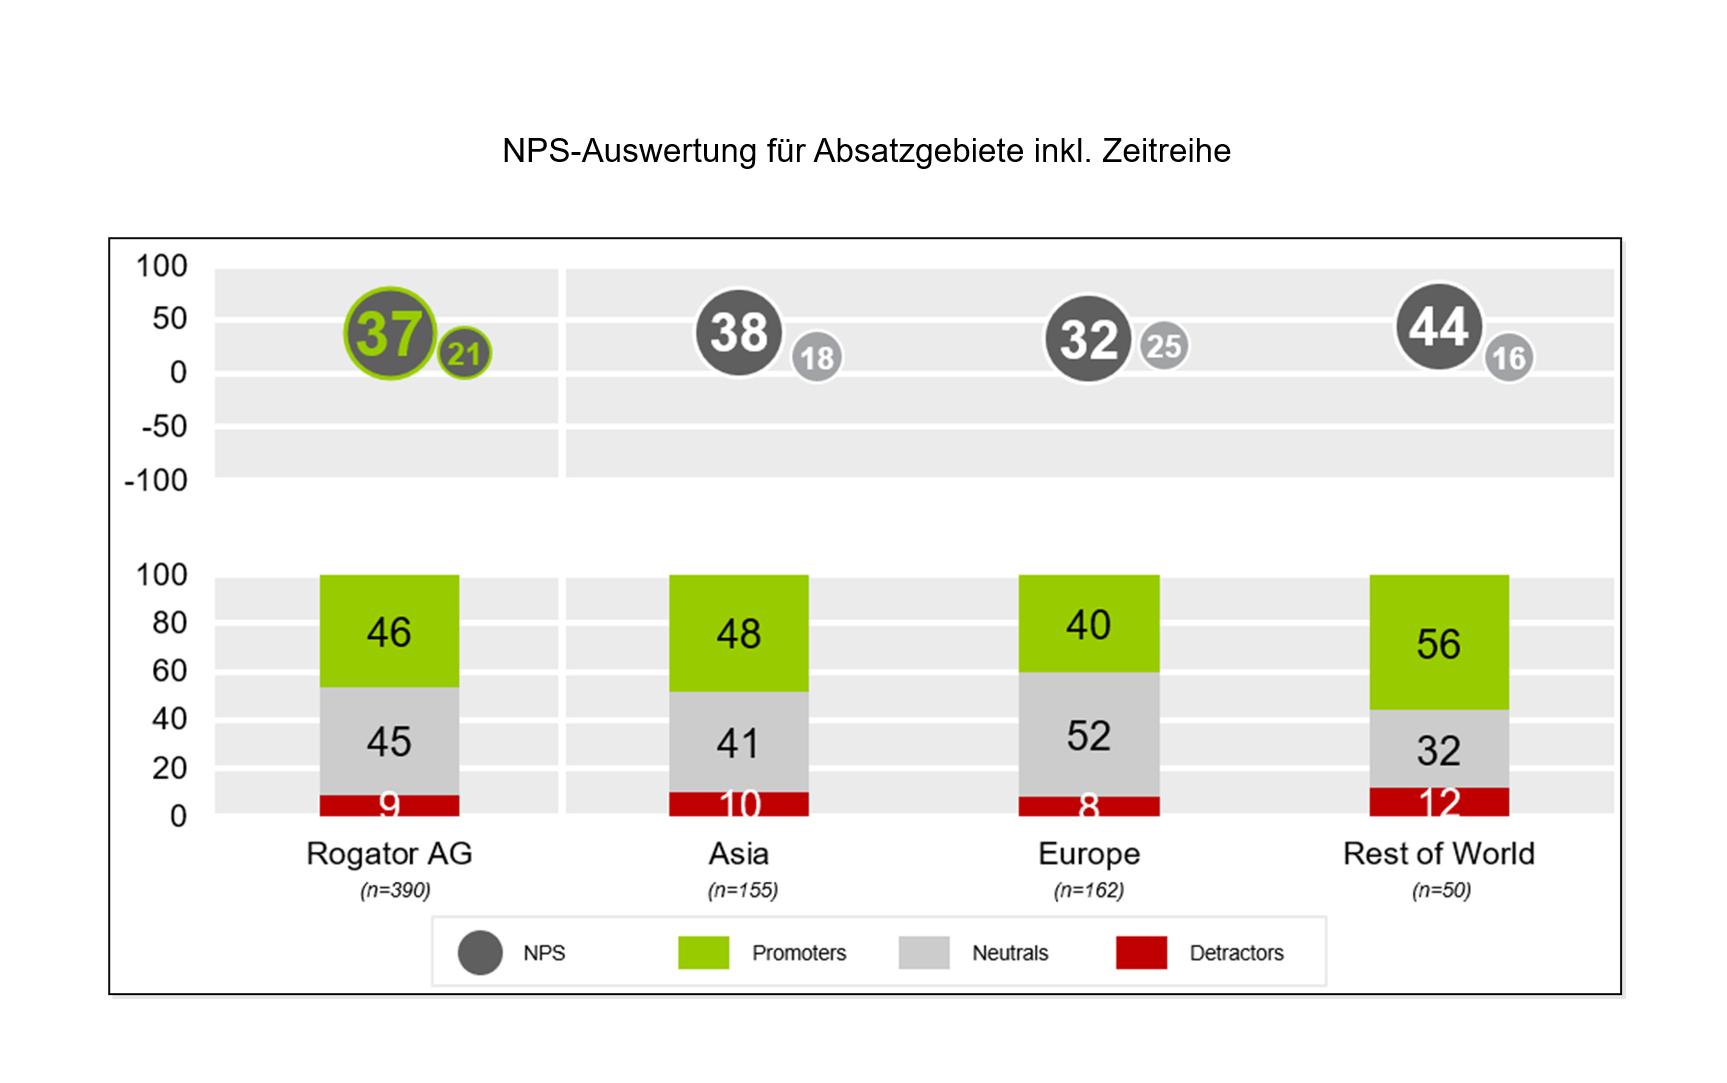 B2B NPS-Auswertung für Absatzgebiete inkl. Zeitreihe